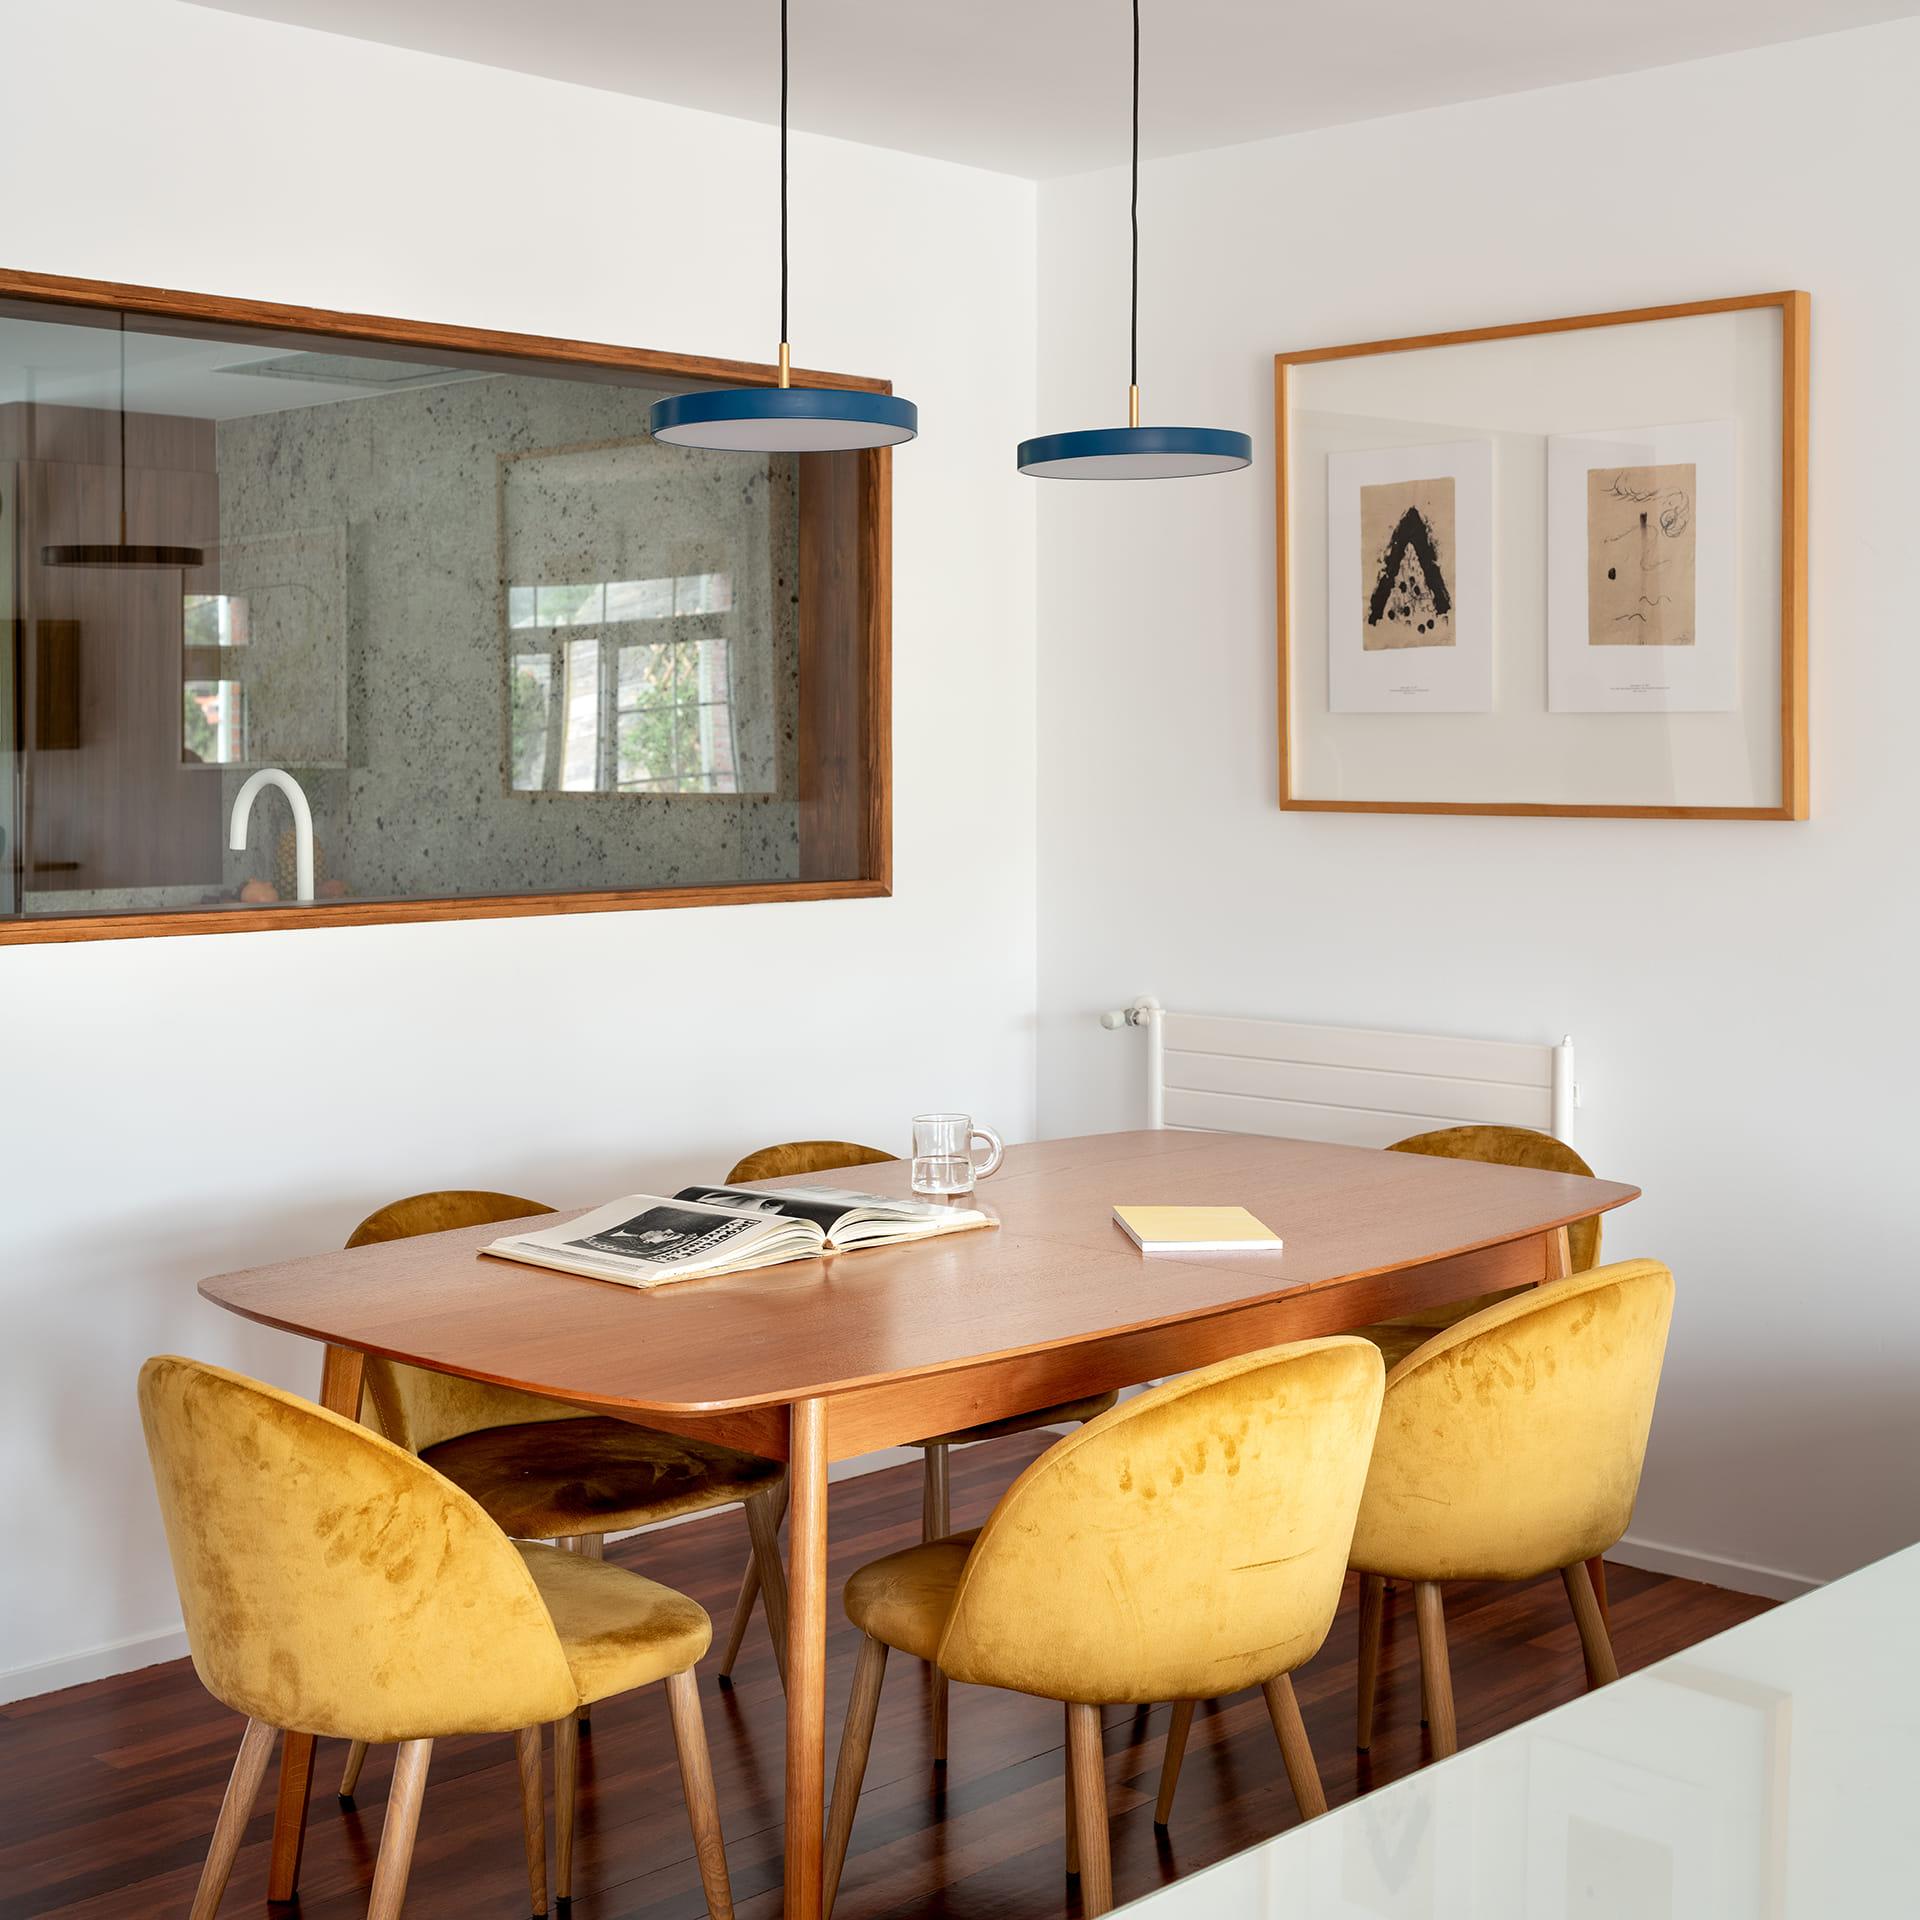 Salle à manger avec table en bois